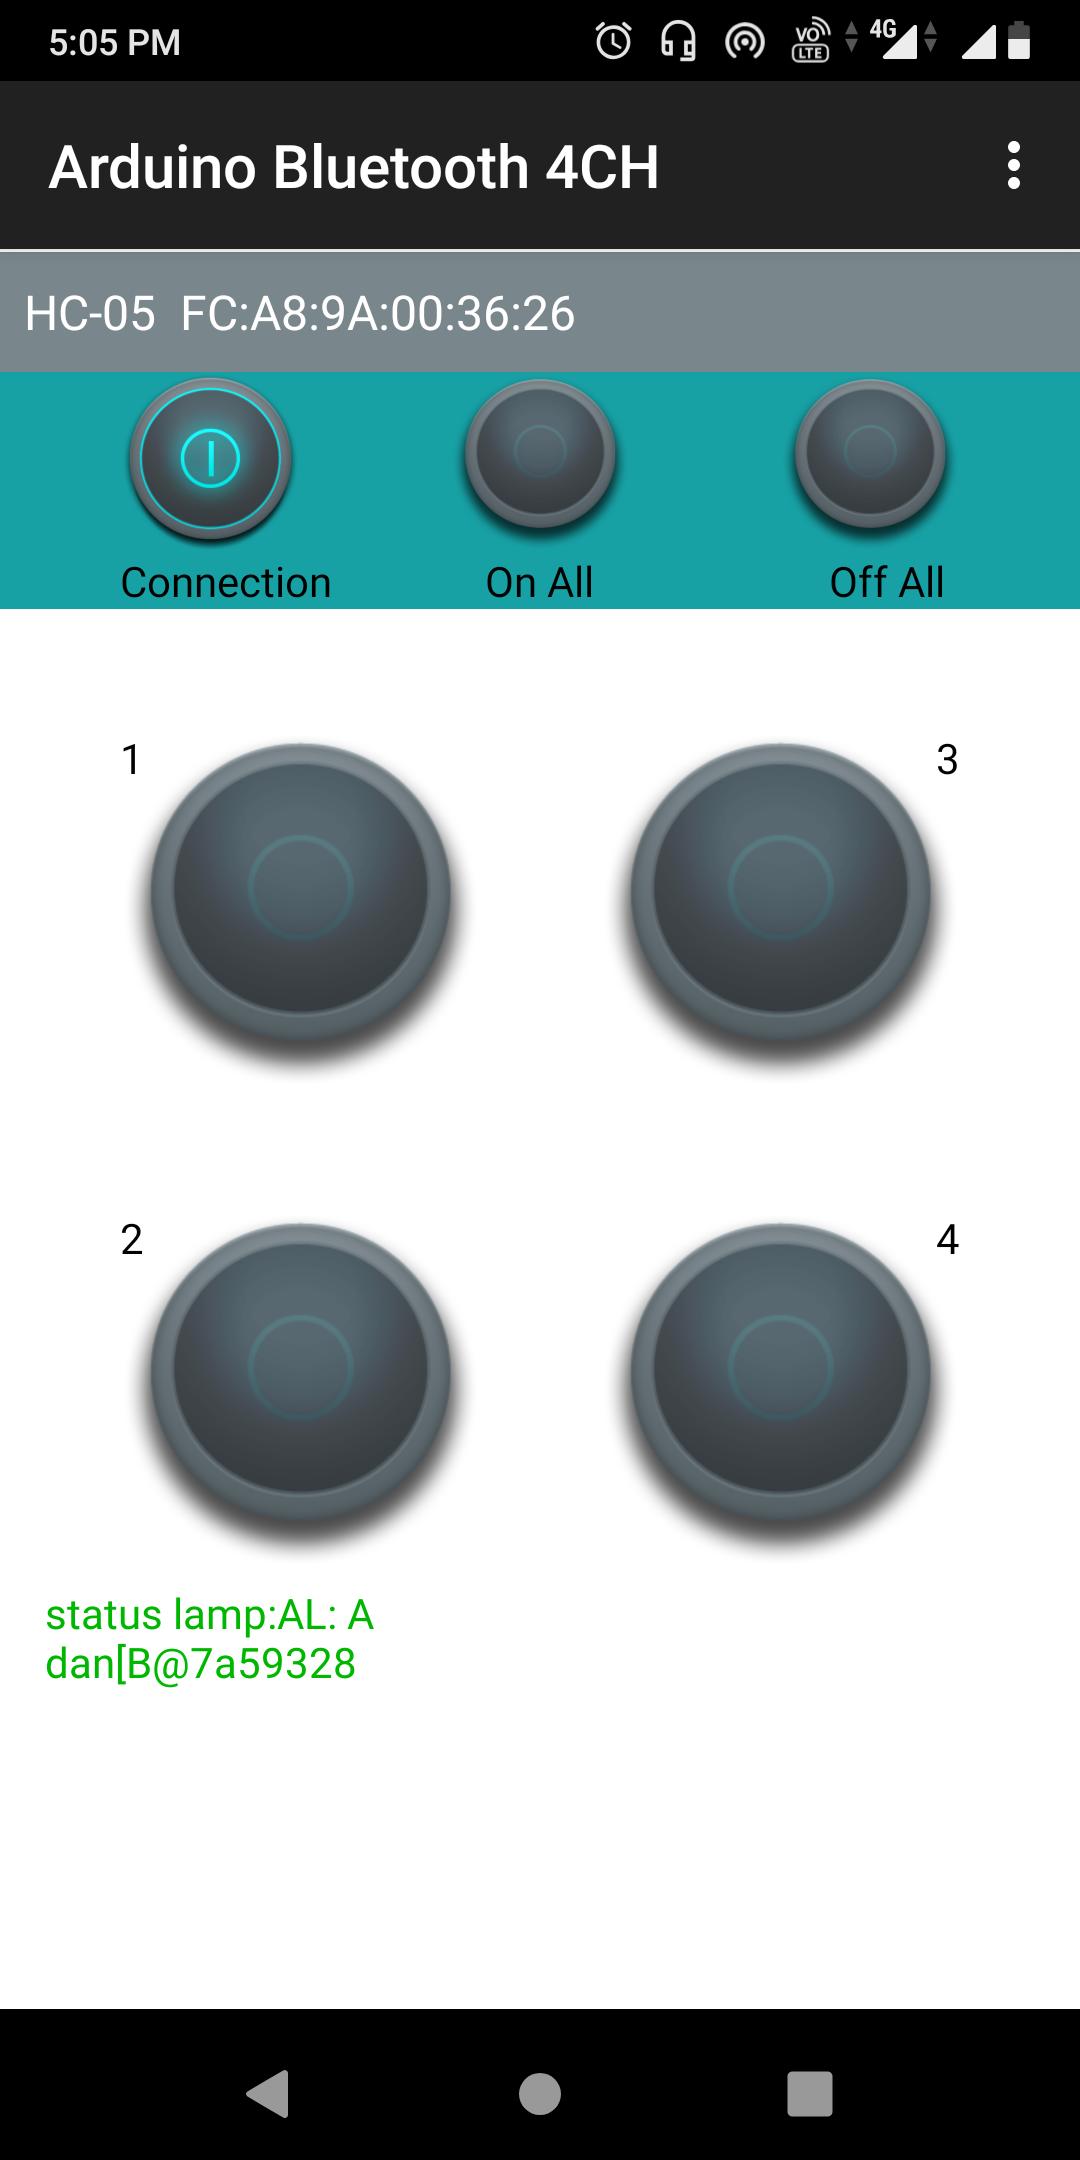 Arduino Bluetooth Controller APP Setup 3, HC-05 Bluetooth Control Home Automation